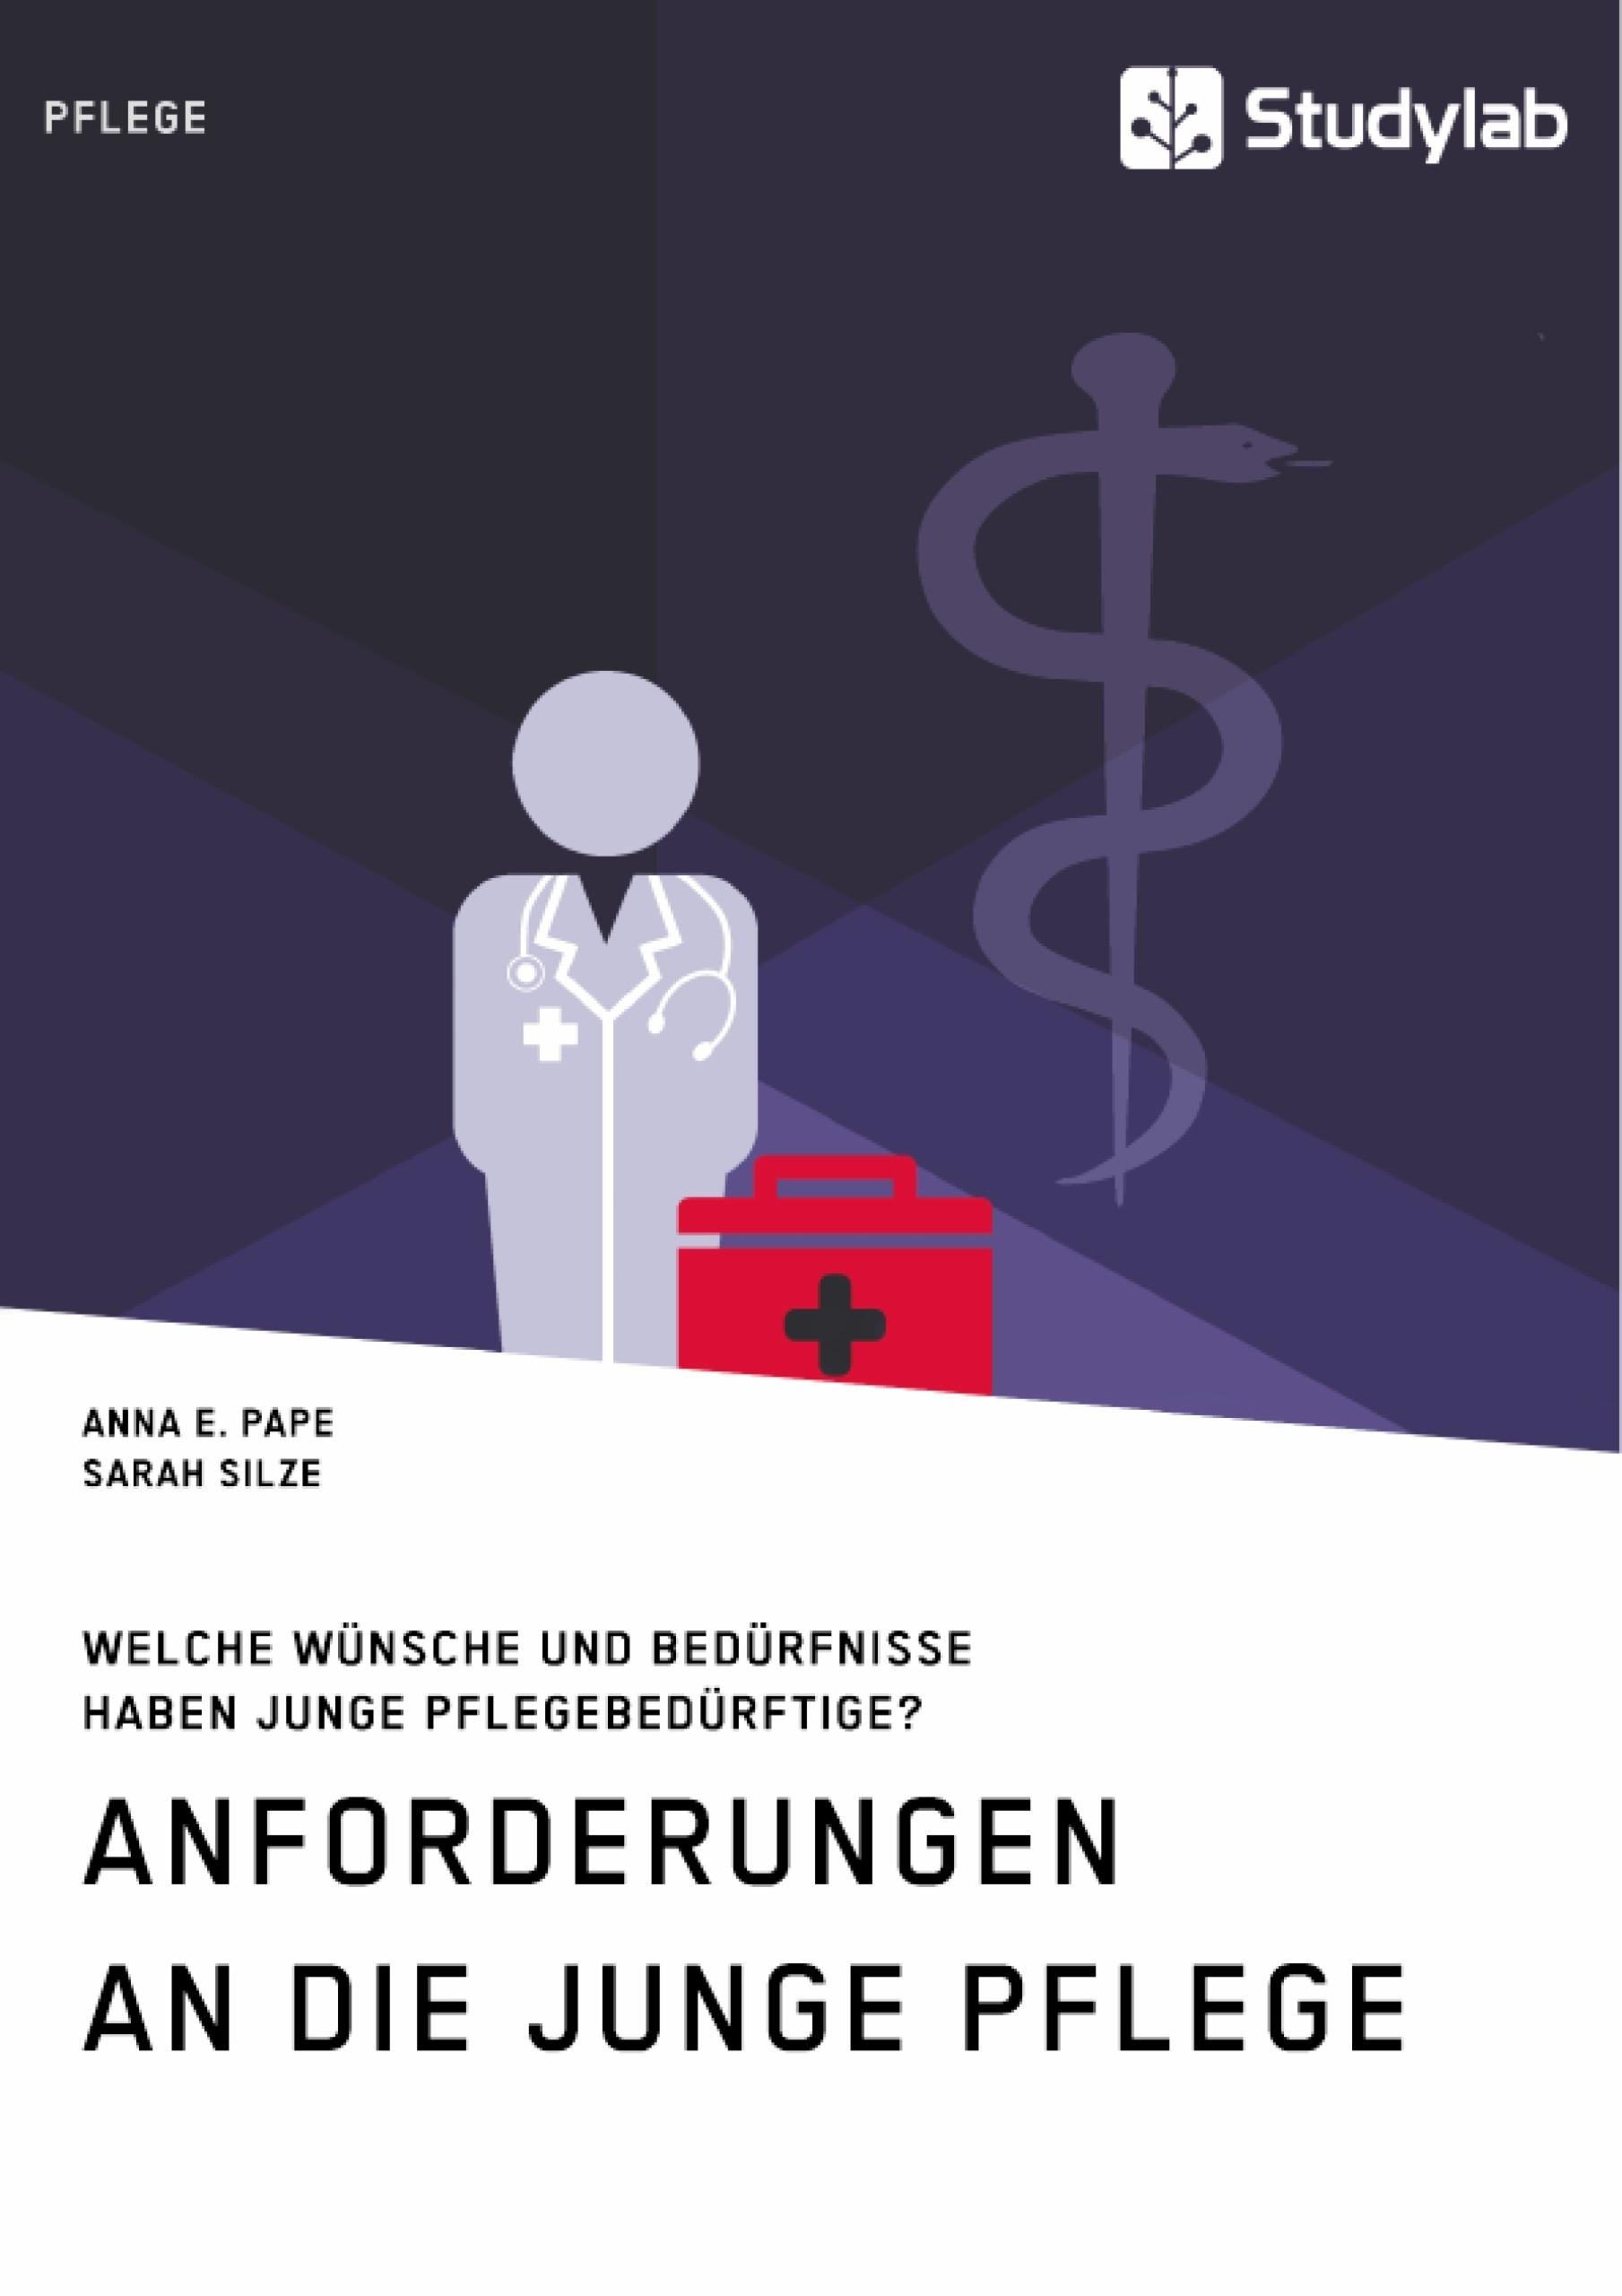 Titel: Anforderungen an die Junge Pflege. Welche Wünsche und Bedürfnisse haben junge Pflegebedürftige?